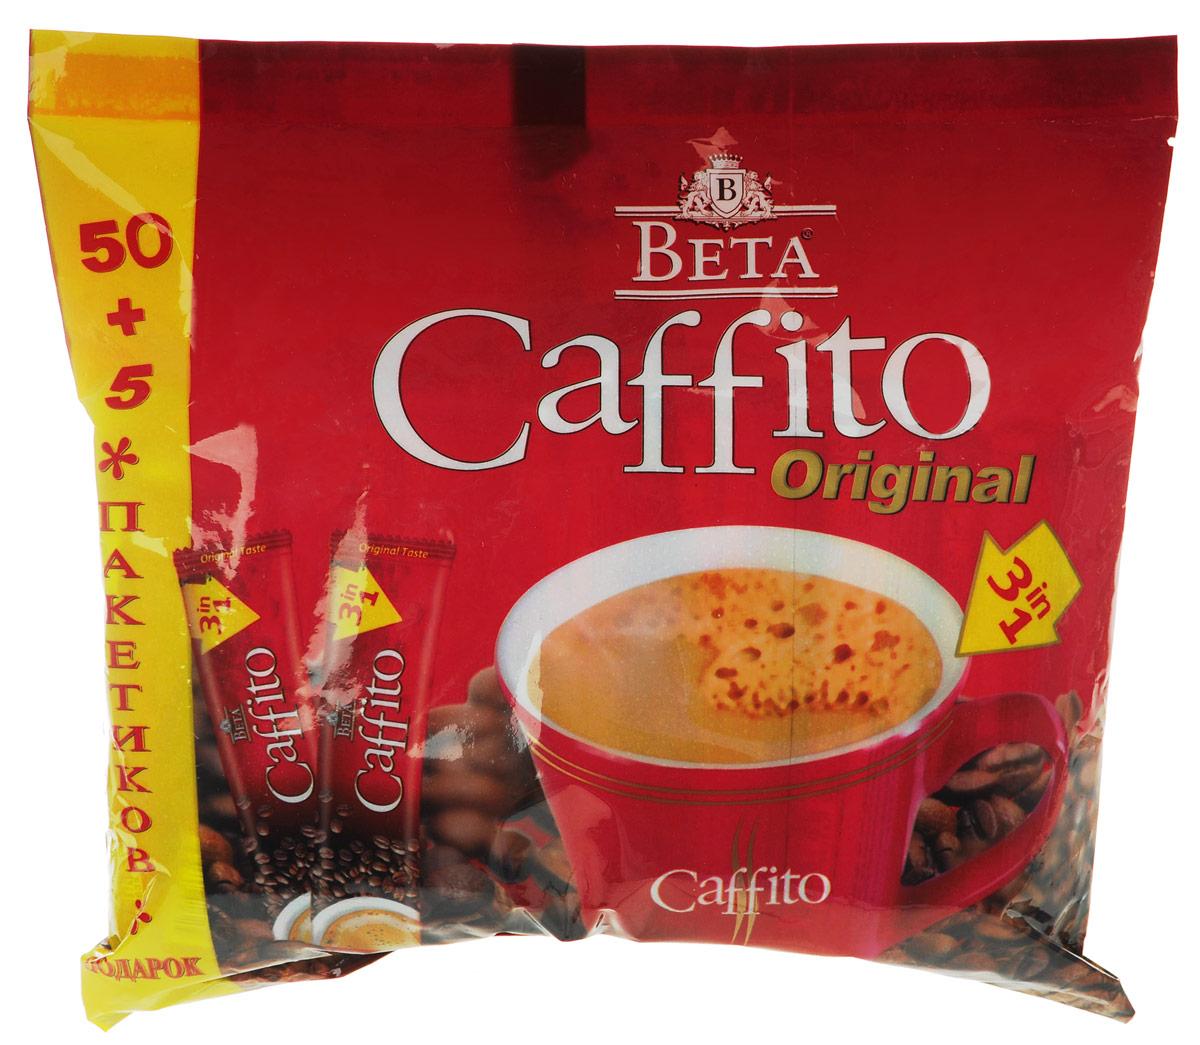 Beta Caffito кофейный напиток 3 в 1, 50 шт + 5 шт4607014864046Beta Caffito - превосходный кофейный напиток со сливками. Удобные порционные пакетики 3 в 1 позволяют моментально приготовить чашку ароматного кофе.